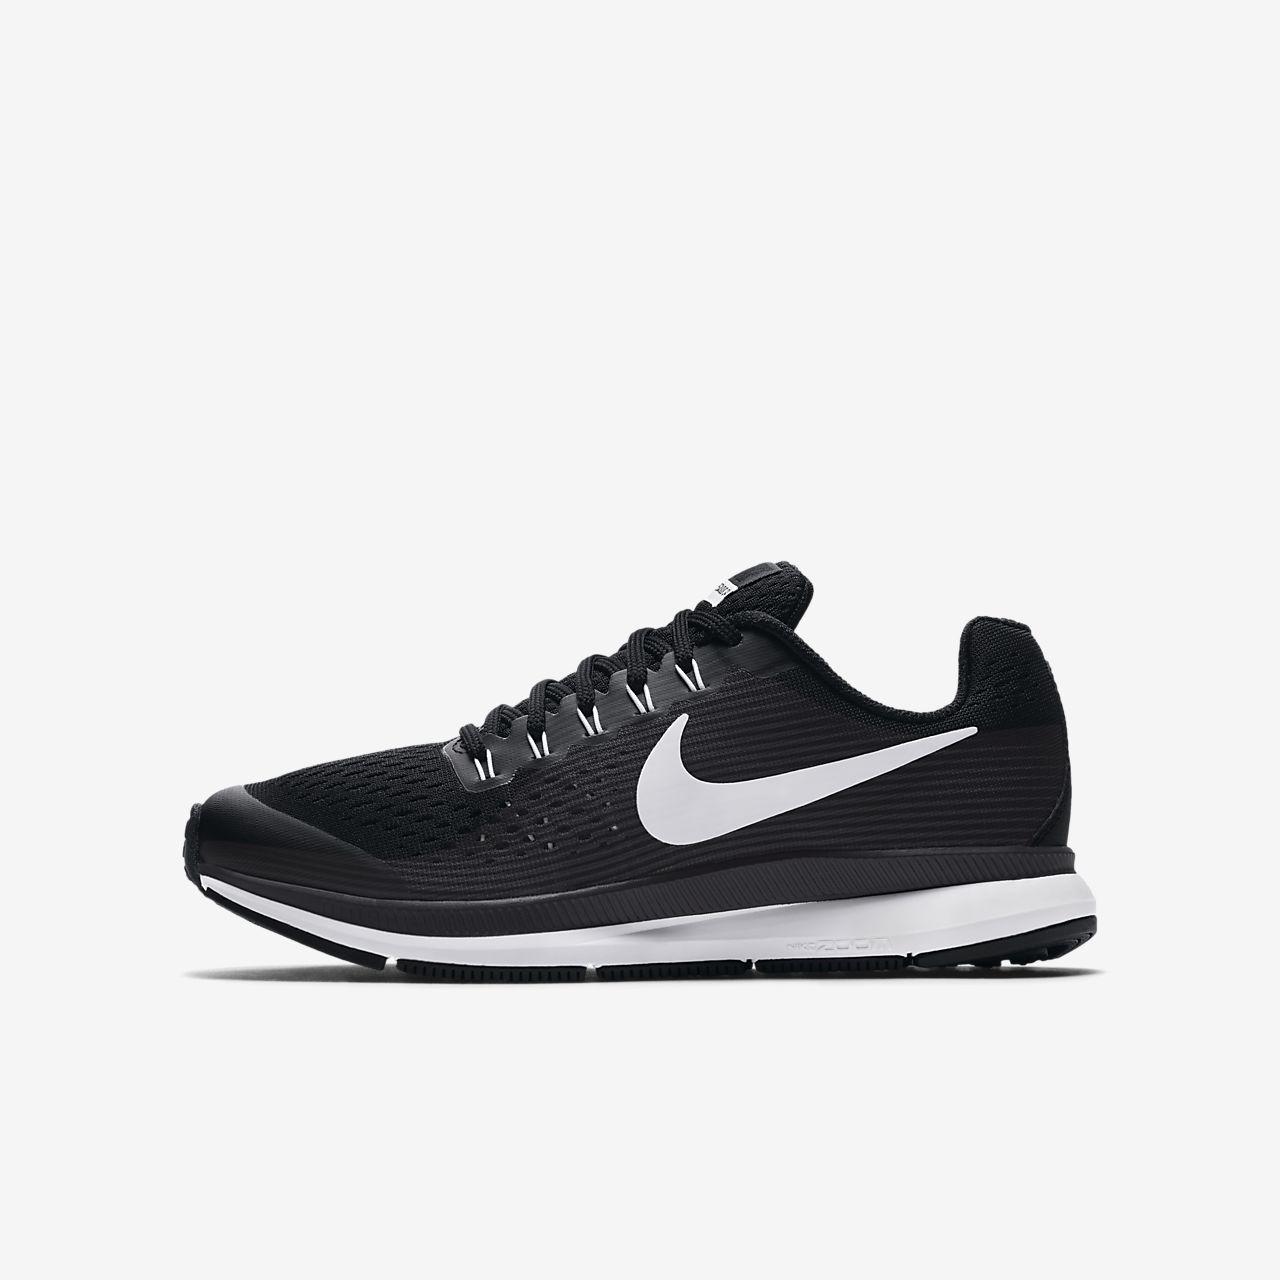 ... Calzado de running para niños talla grande Nike Zoom Pegasus 34